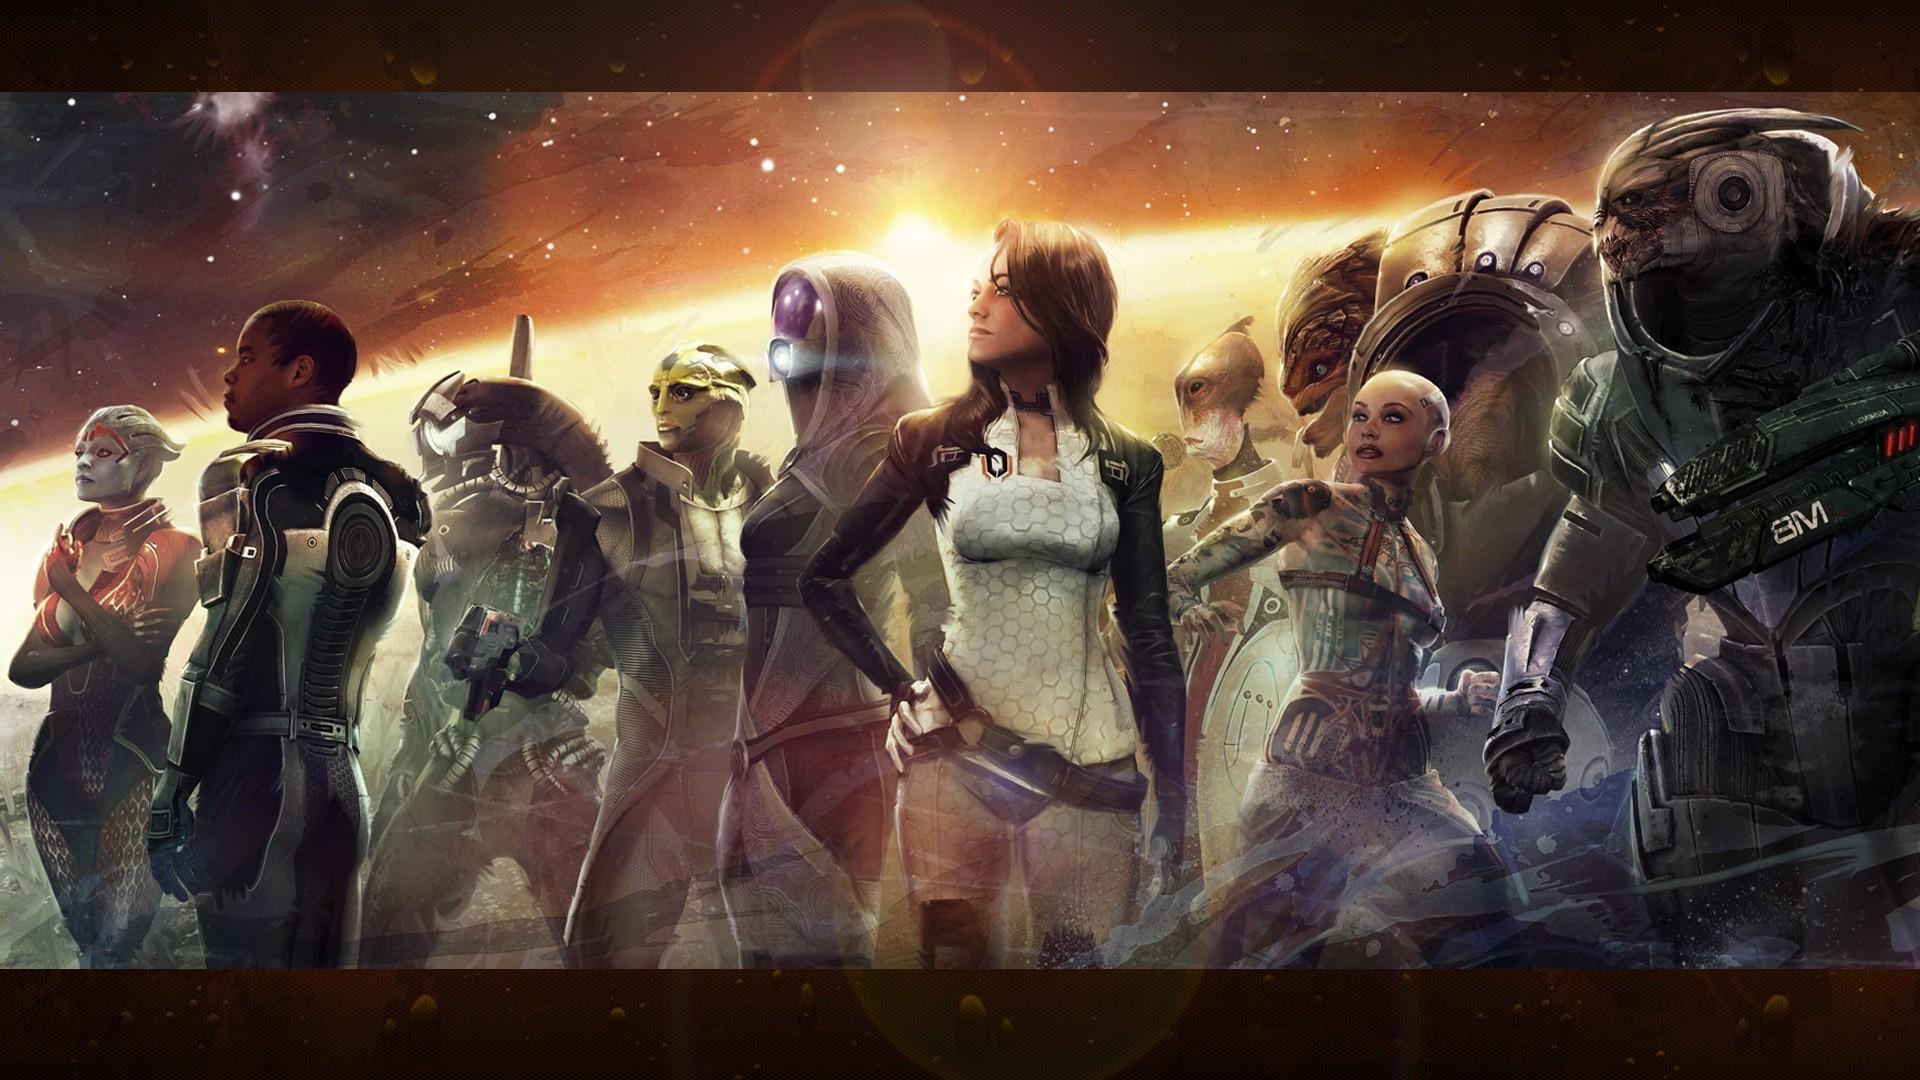 Wallpaper 1920x1080 Px Garrus Vakarian Mass Effect Mass Effect